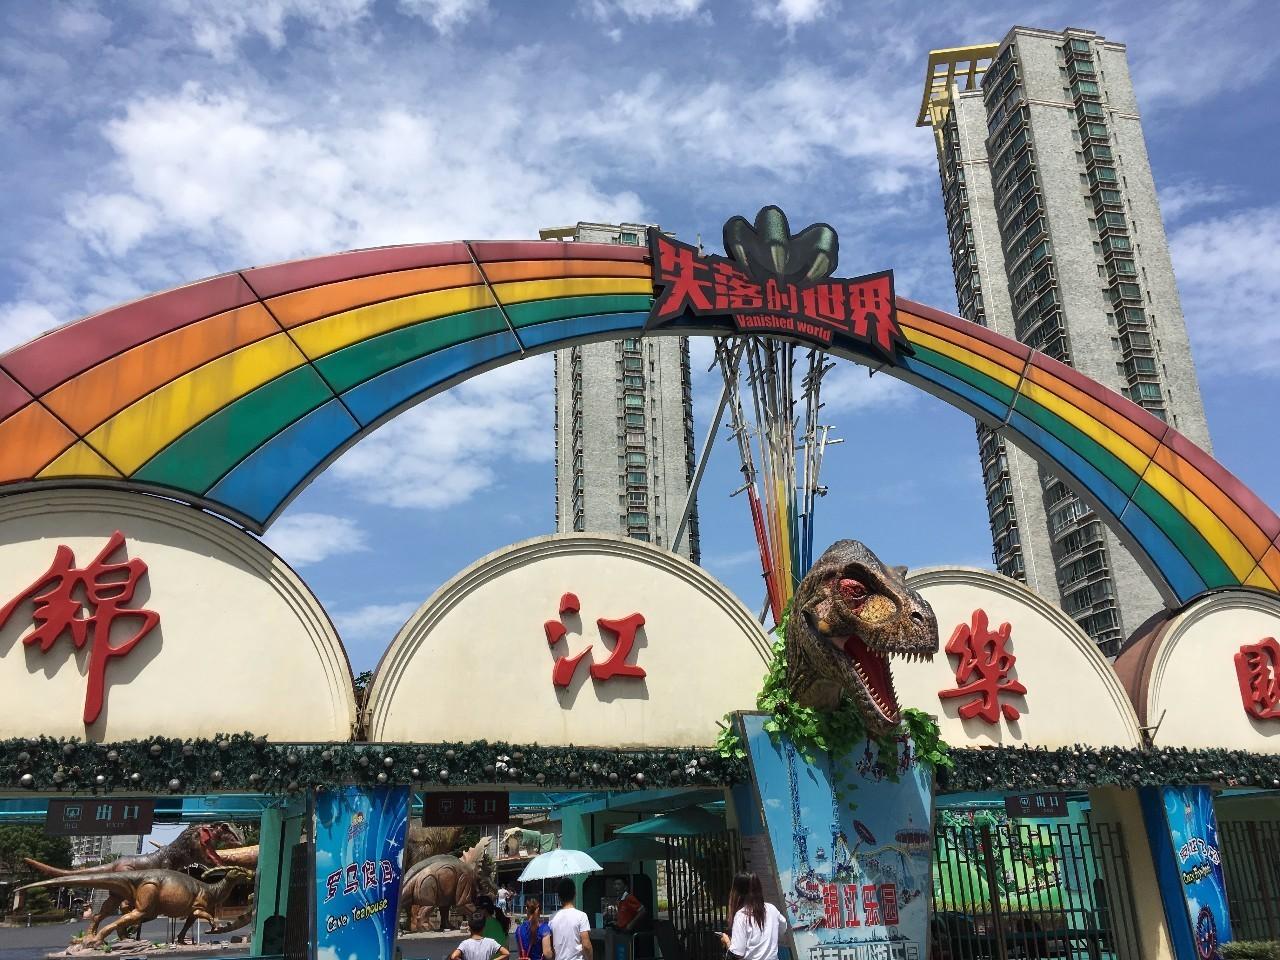 恐龙乐园历险记_恐龙乐园历险记视频_恐龙乐... _播视网在线观看